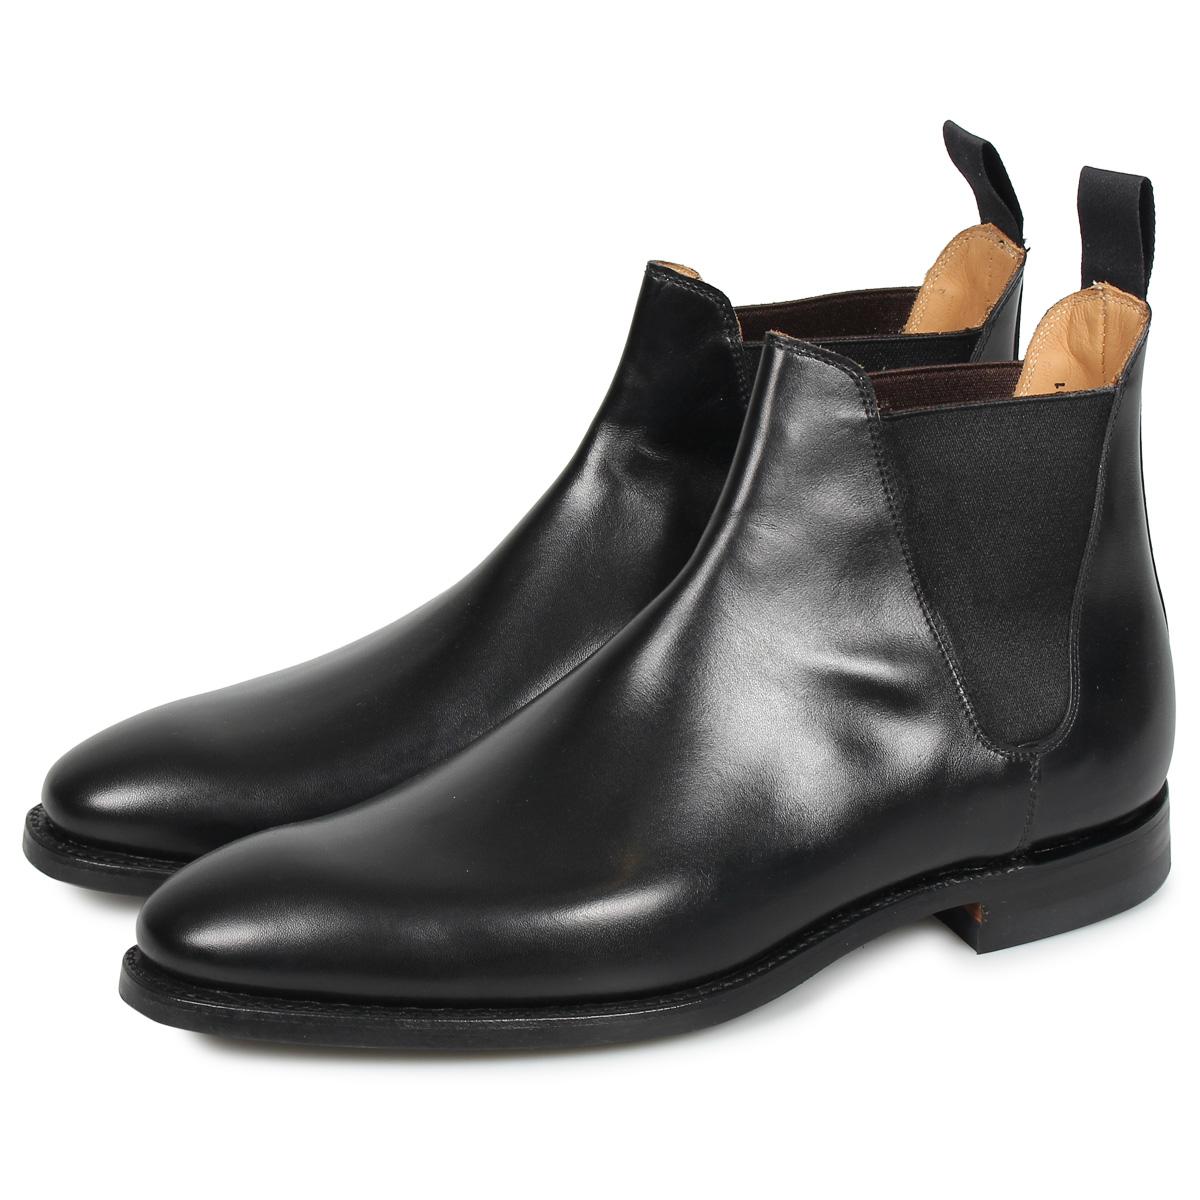 CROCKETT&JONES CHELSEA 8 クロケット&ジョーンズ チェルシー 8 ブーツ サイドゴア メンズ Eワイズ ブラック 黒